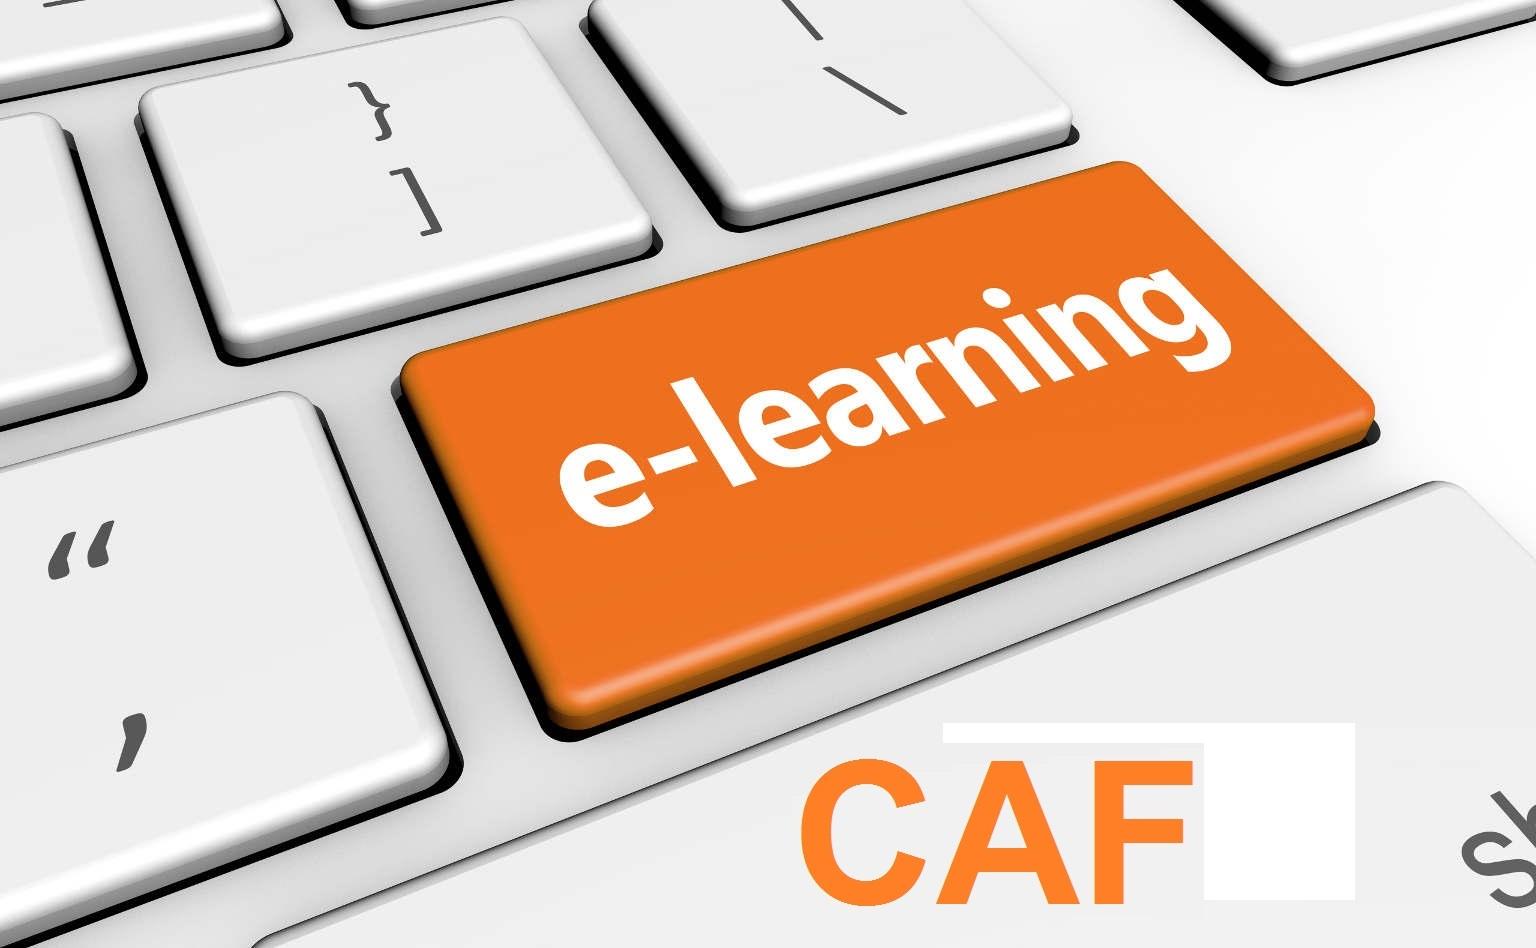 Formazione Caf Fenalca: al via la piattaforma e-learning per operatori Caf